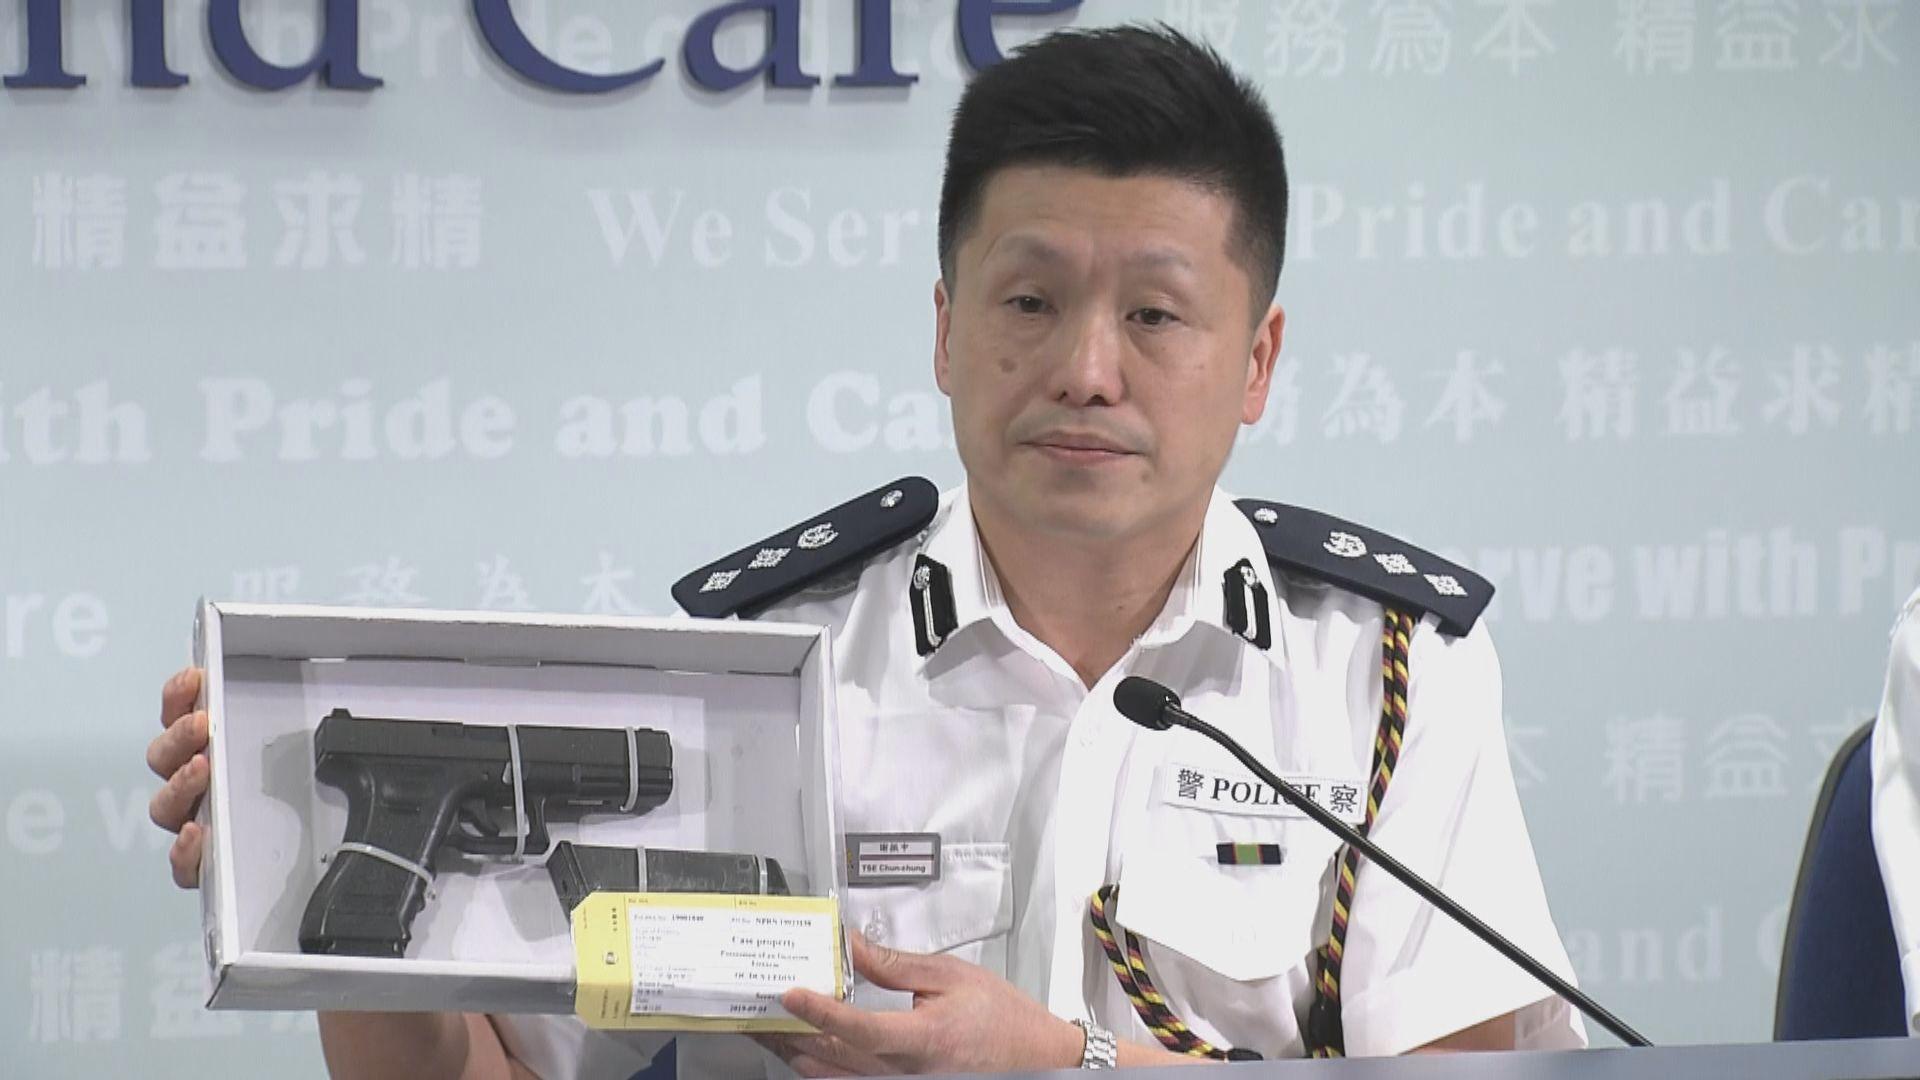 【休會】警方取消下午例行記者會 無解釋原因